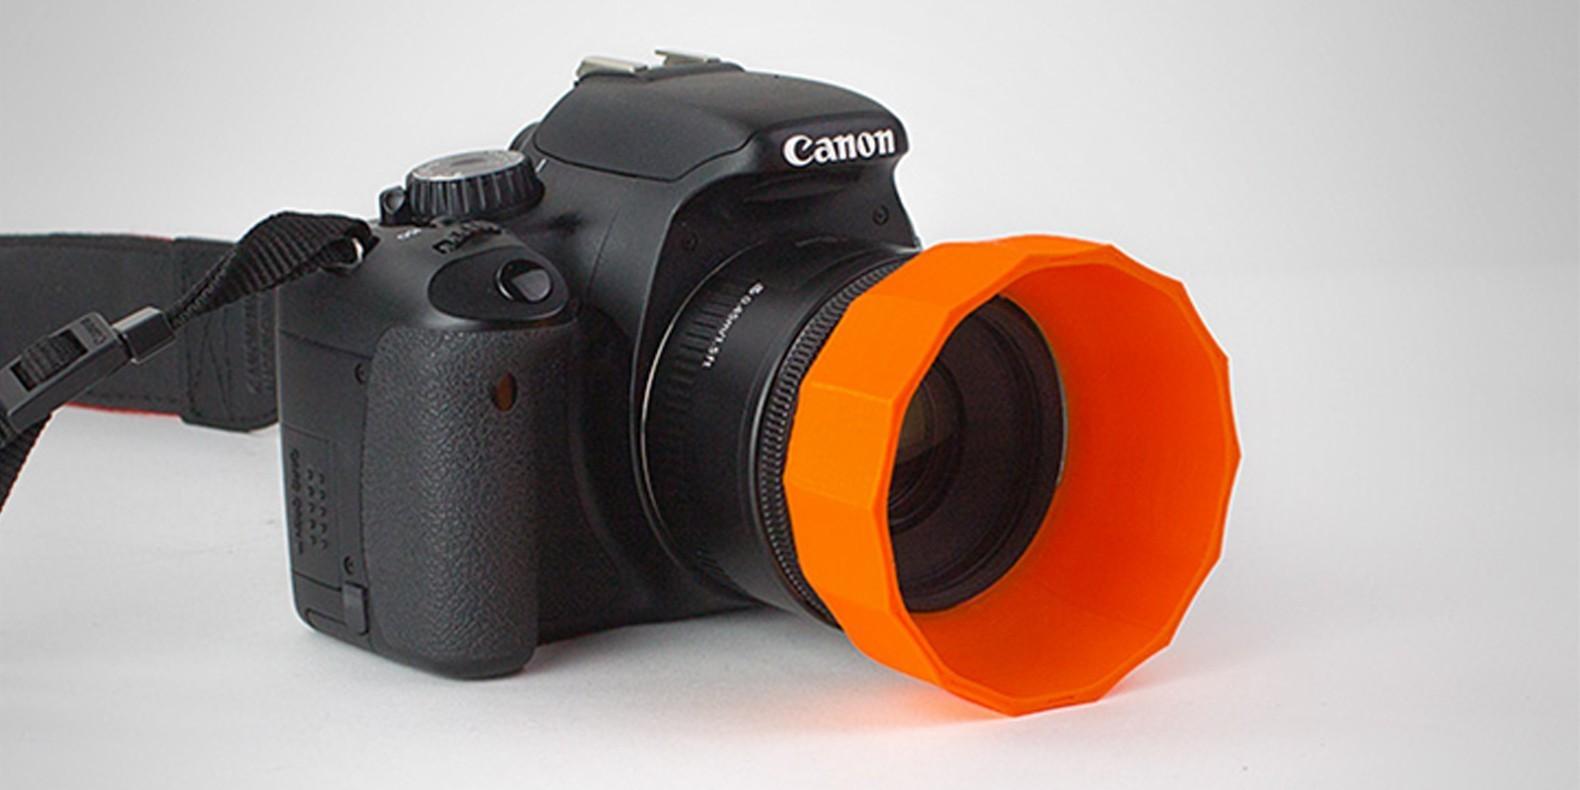 Retrouvez ici une sélection des meilleurs modèles 3D pour appareil photo imprimables en 3D